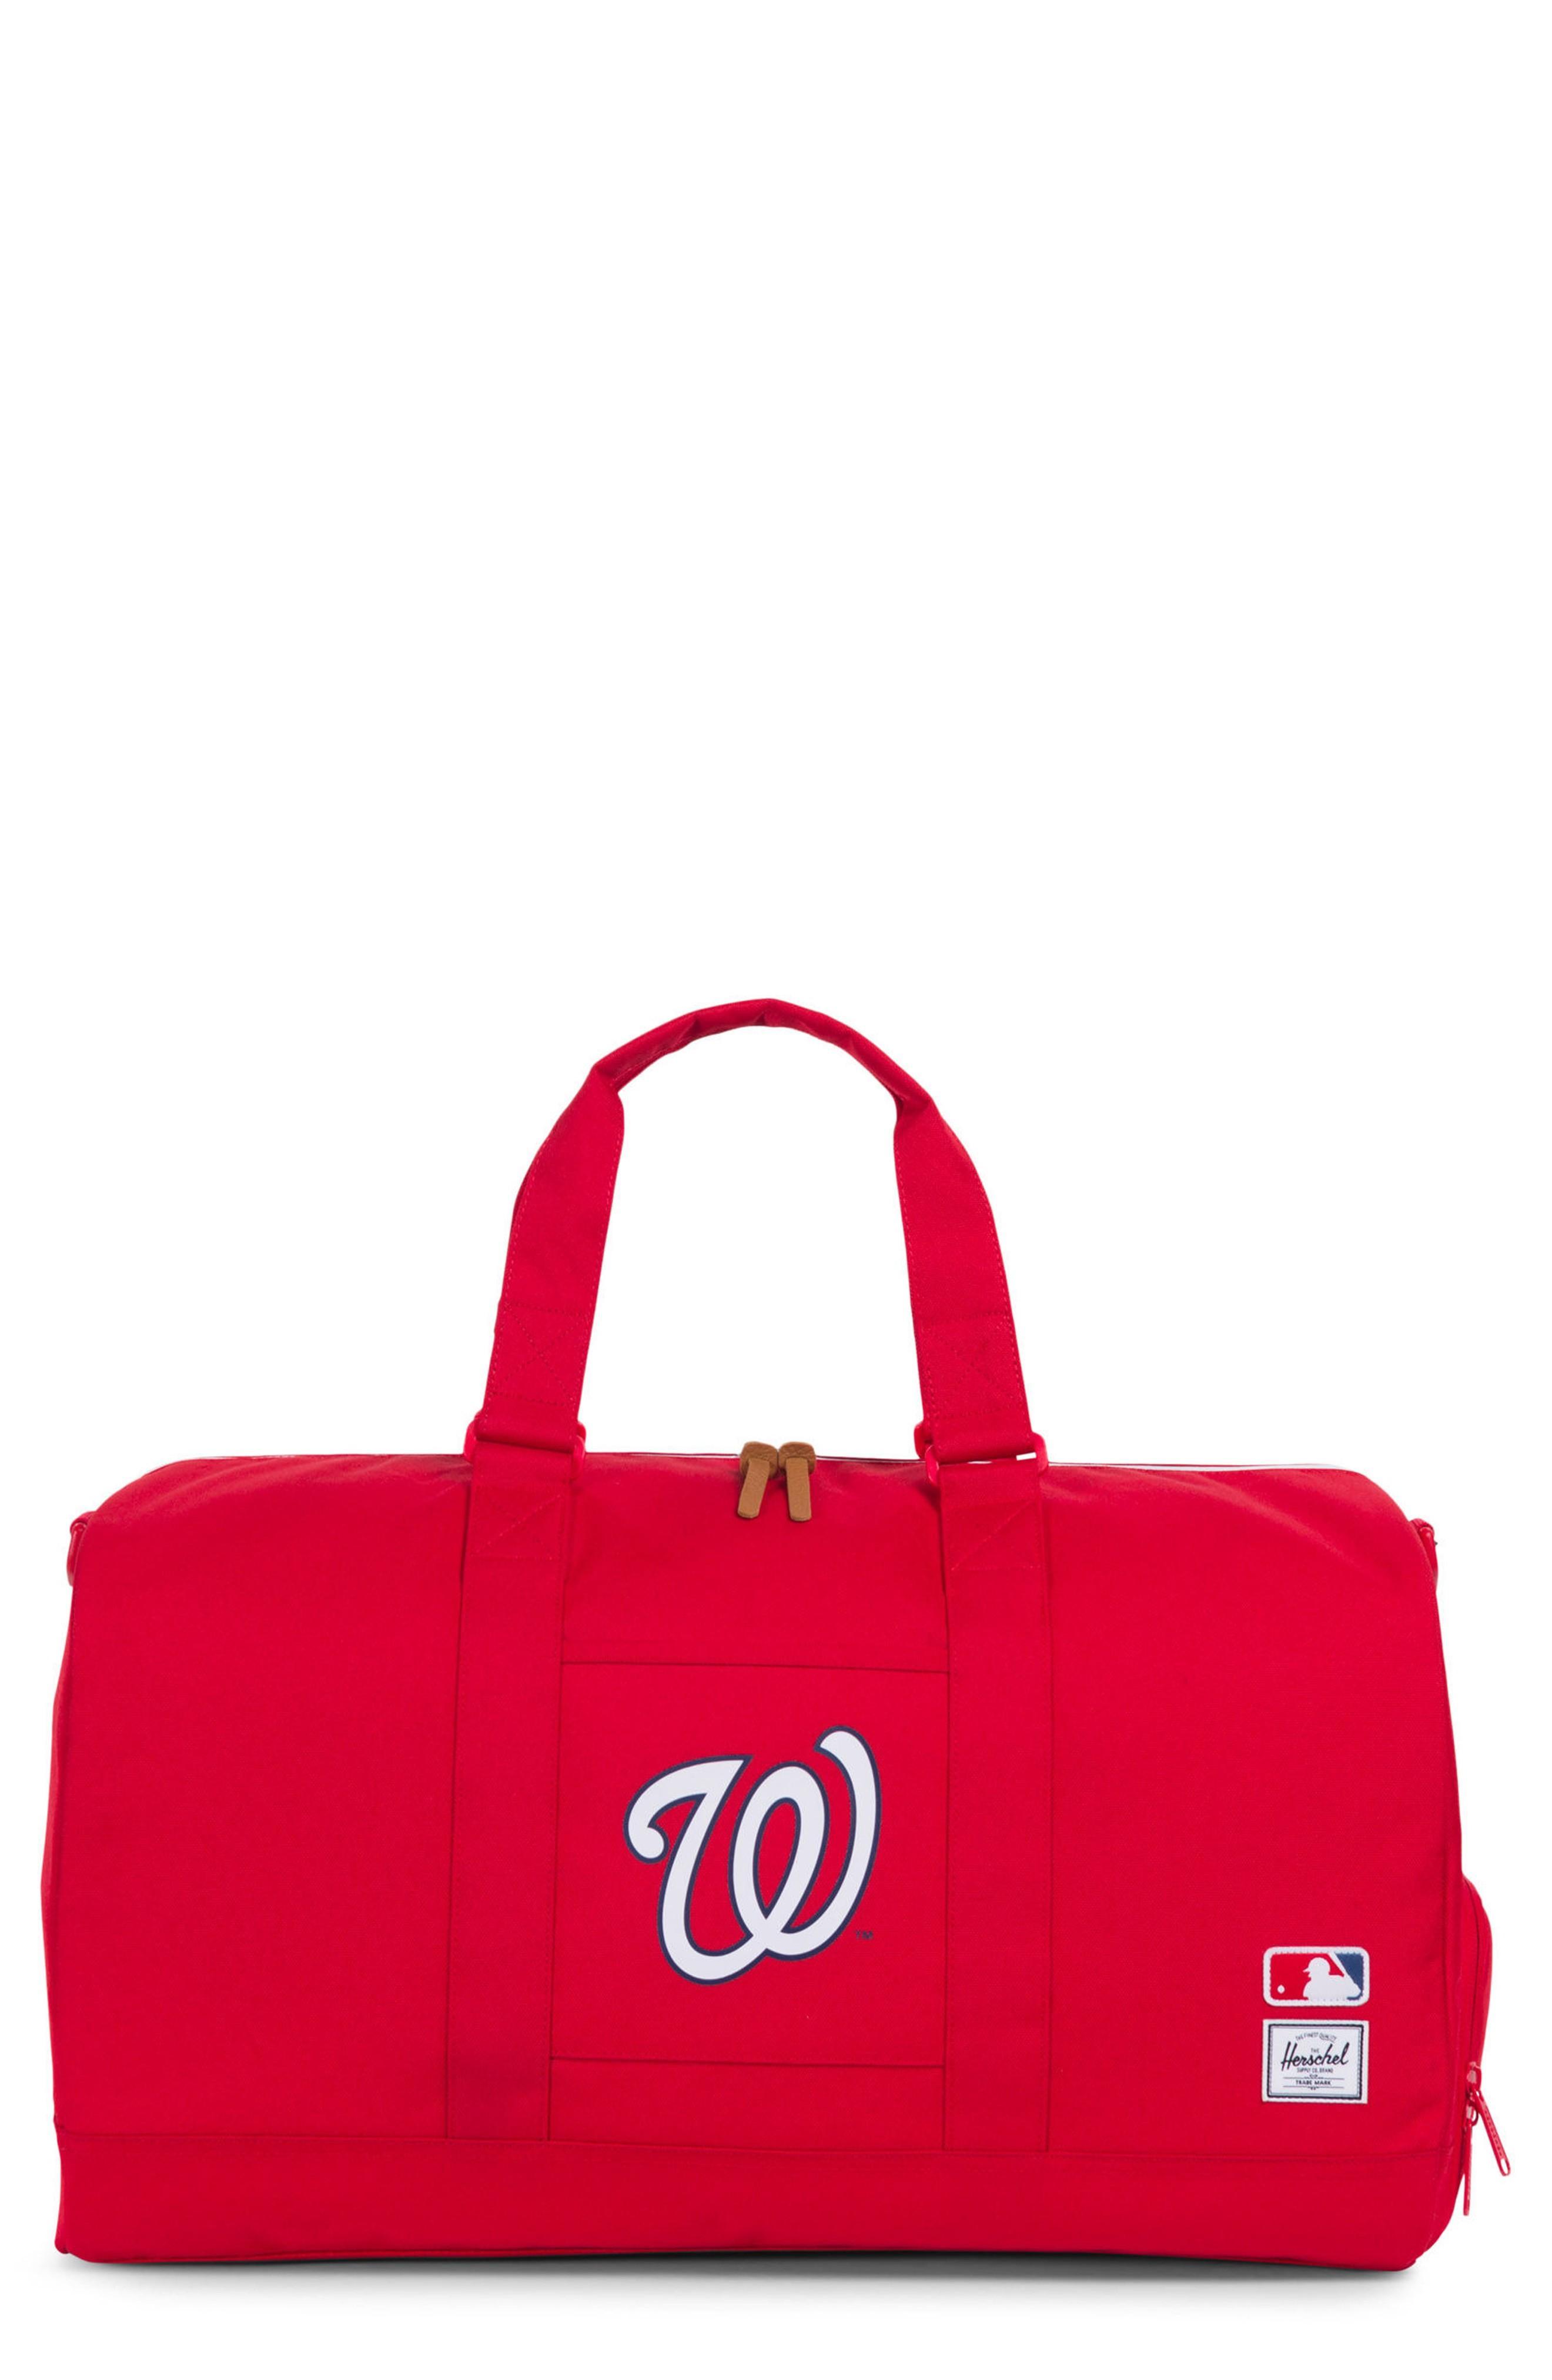 970793e274 Herschel Supply Co. Novel - Mlb National League Duffel Bag - Red In ...